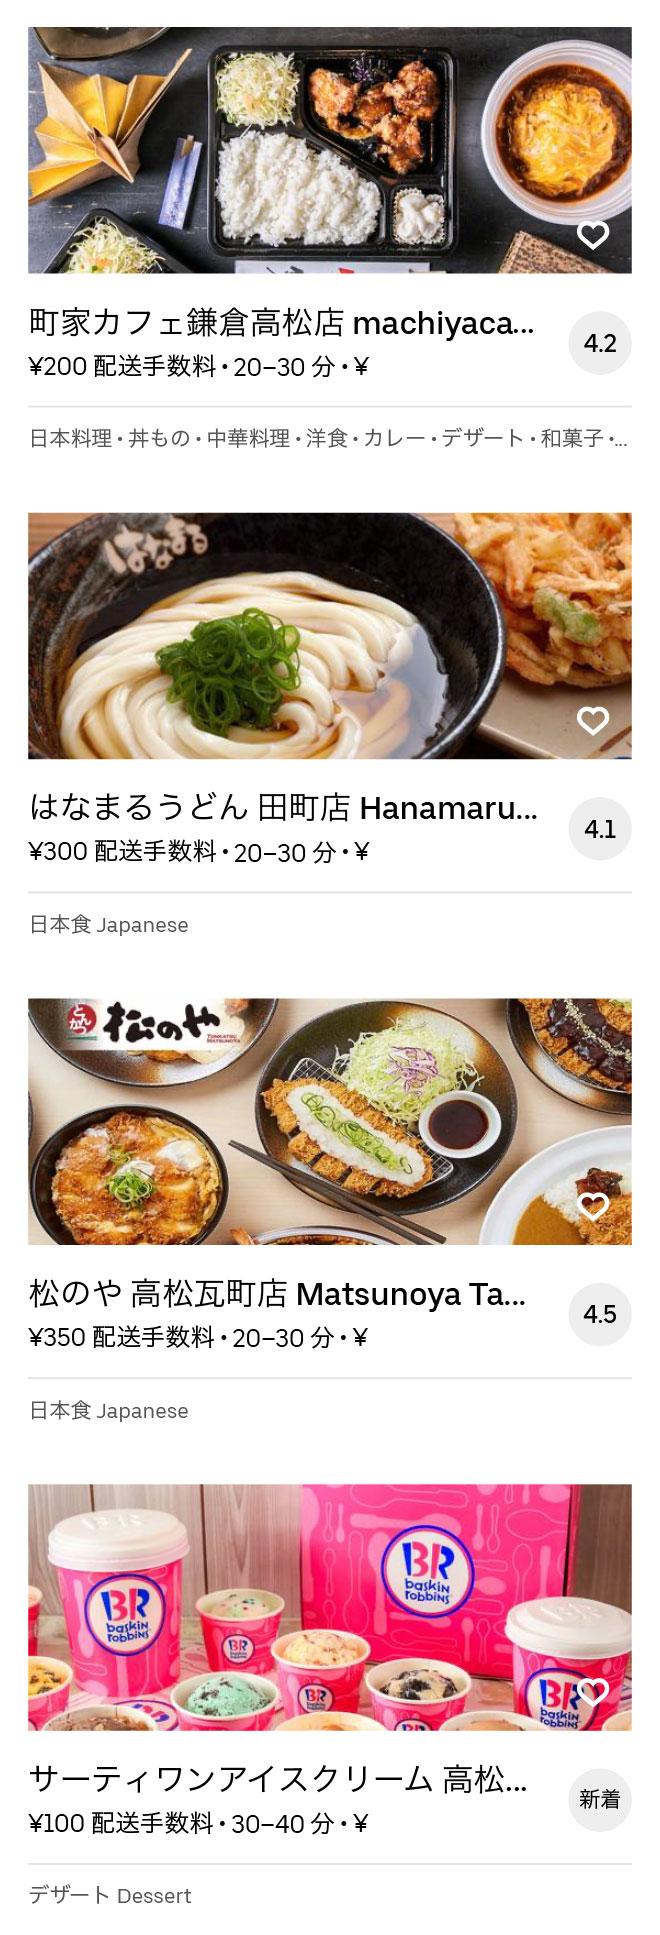 Chuoh sho menu 2008 06